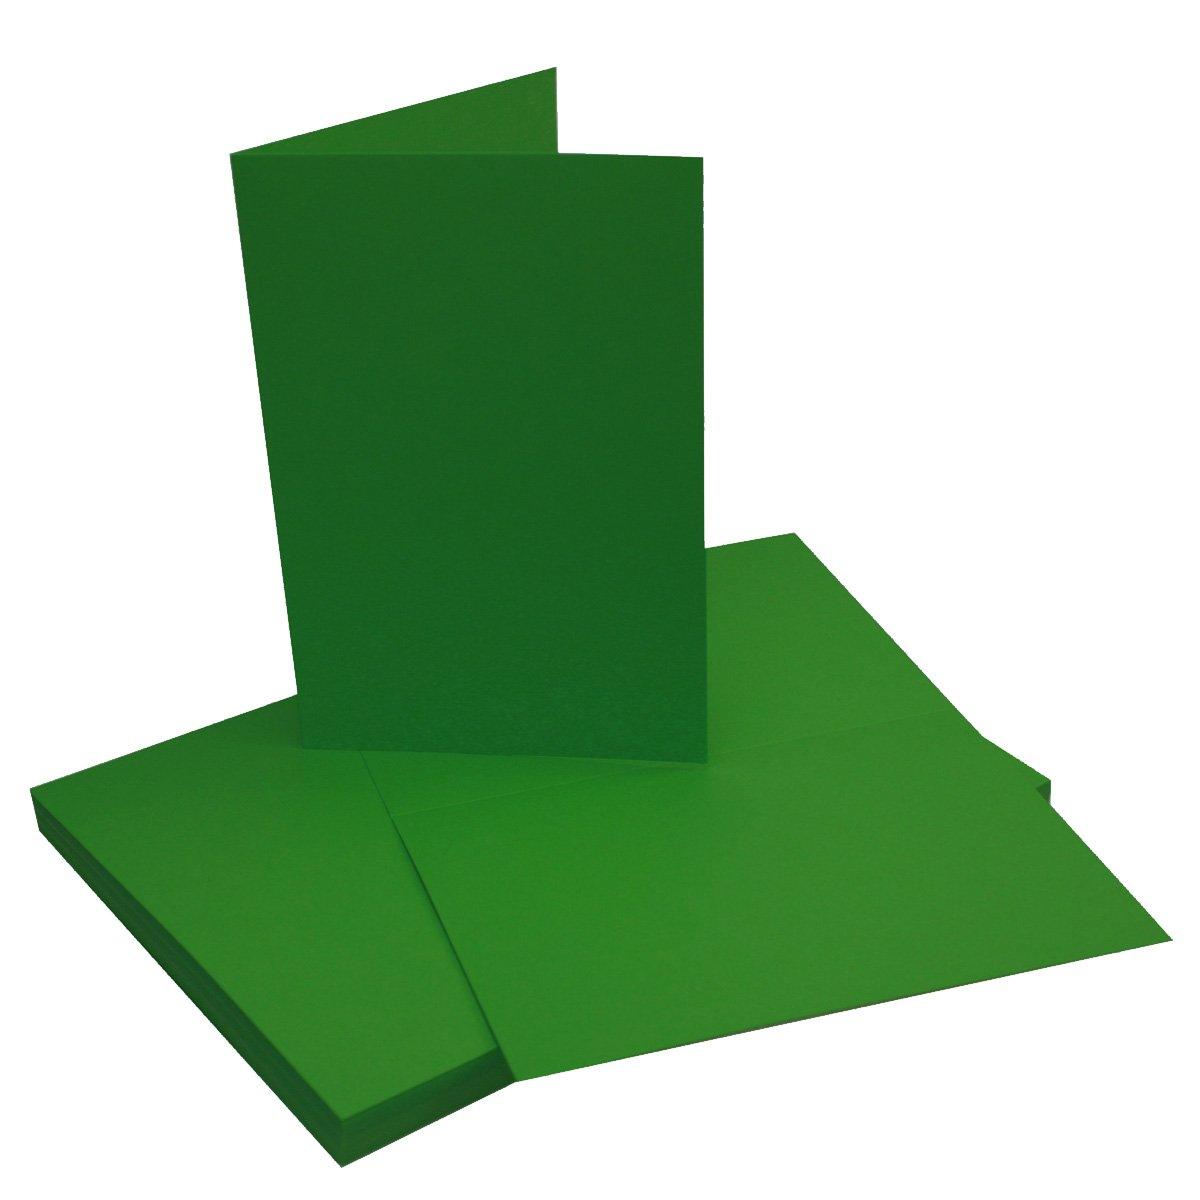 150 Sets - - - Faltkarten Hellgrau - DIN A5  Umschläge  Einlegeblätter DIN C5 - PREMIUM QUALITÄT - sehr formstabil - Qualitätsmarke  NEUSER FarbenFroh B07CBZCDNR   Einfach zu spielen, freies Leben  47487e